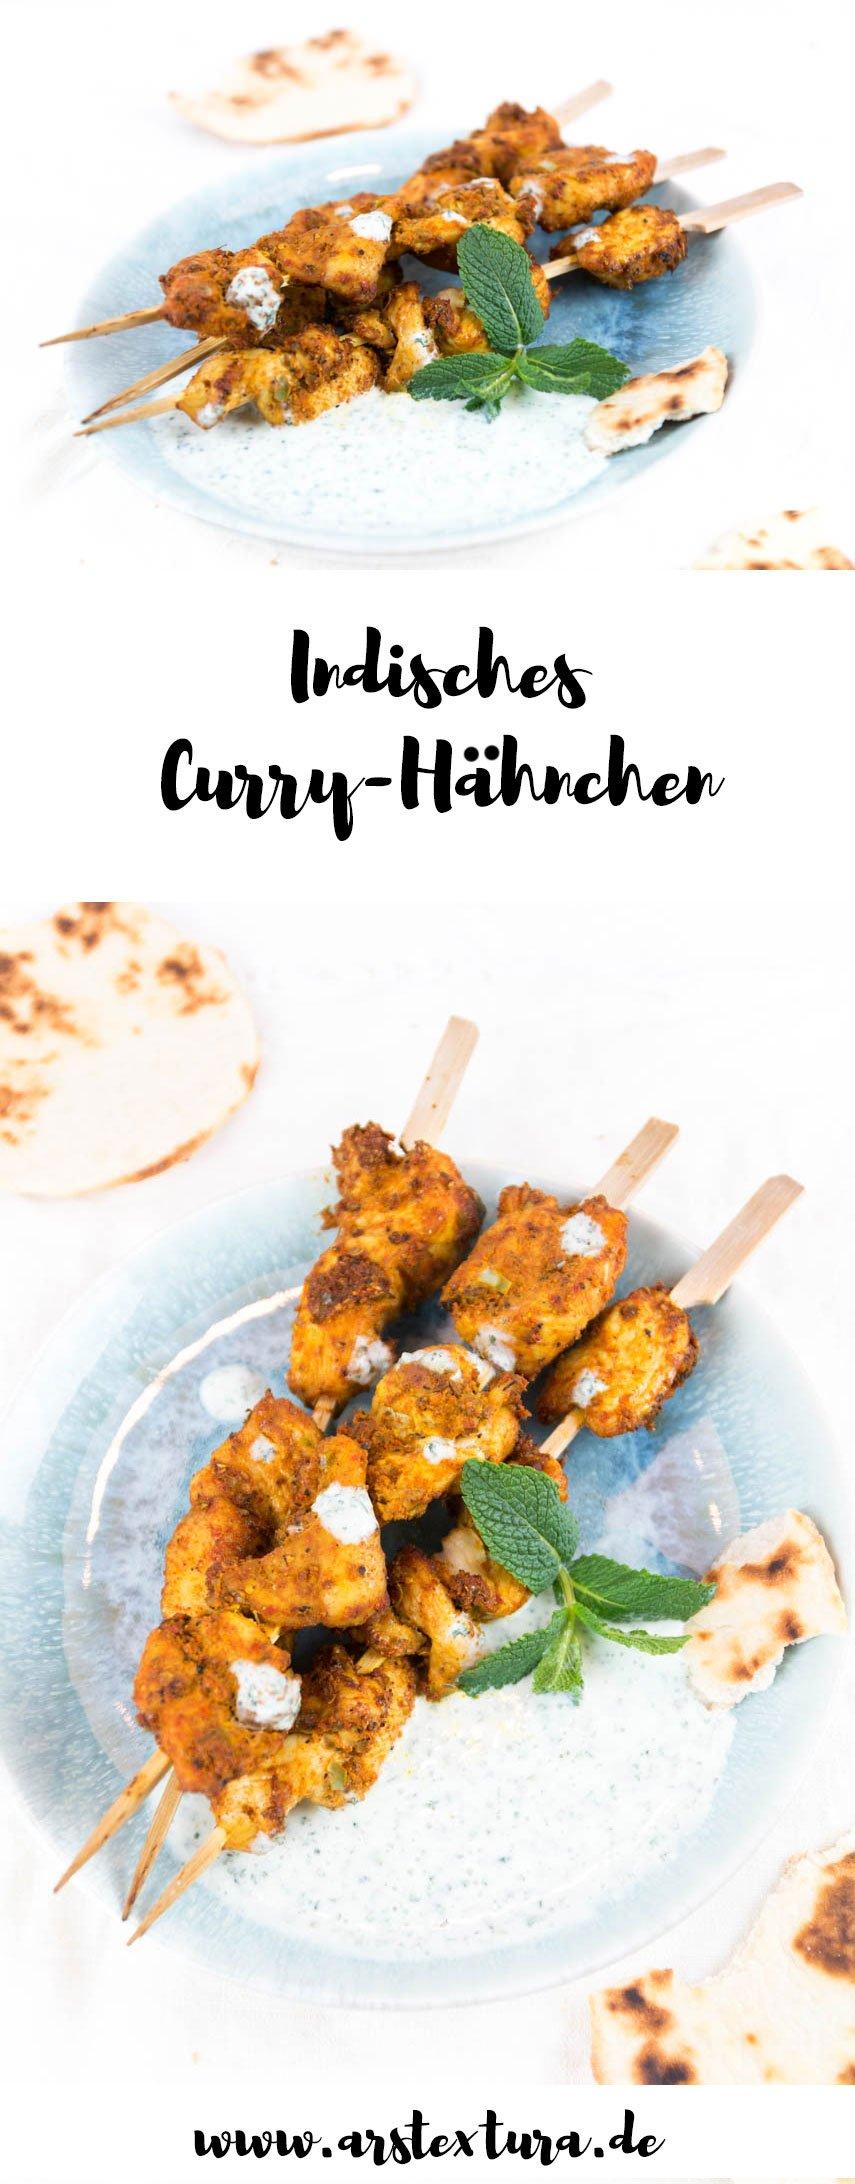 Indisches Curry Hähnchen - Indische Tikka Hähnchen Spieße mit Minze-Joghurt Sauce